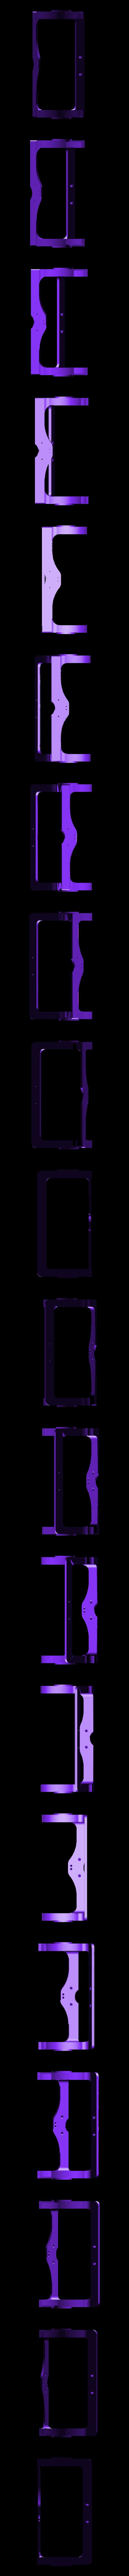 noodle-holder.stl Download free STL file Crickit Paddle Wheel Boat • 3D printer design, Adafruit